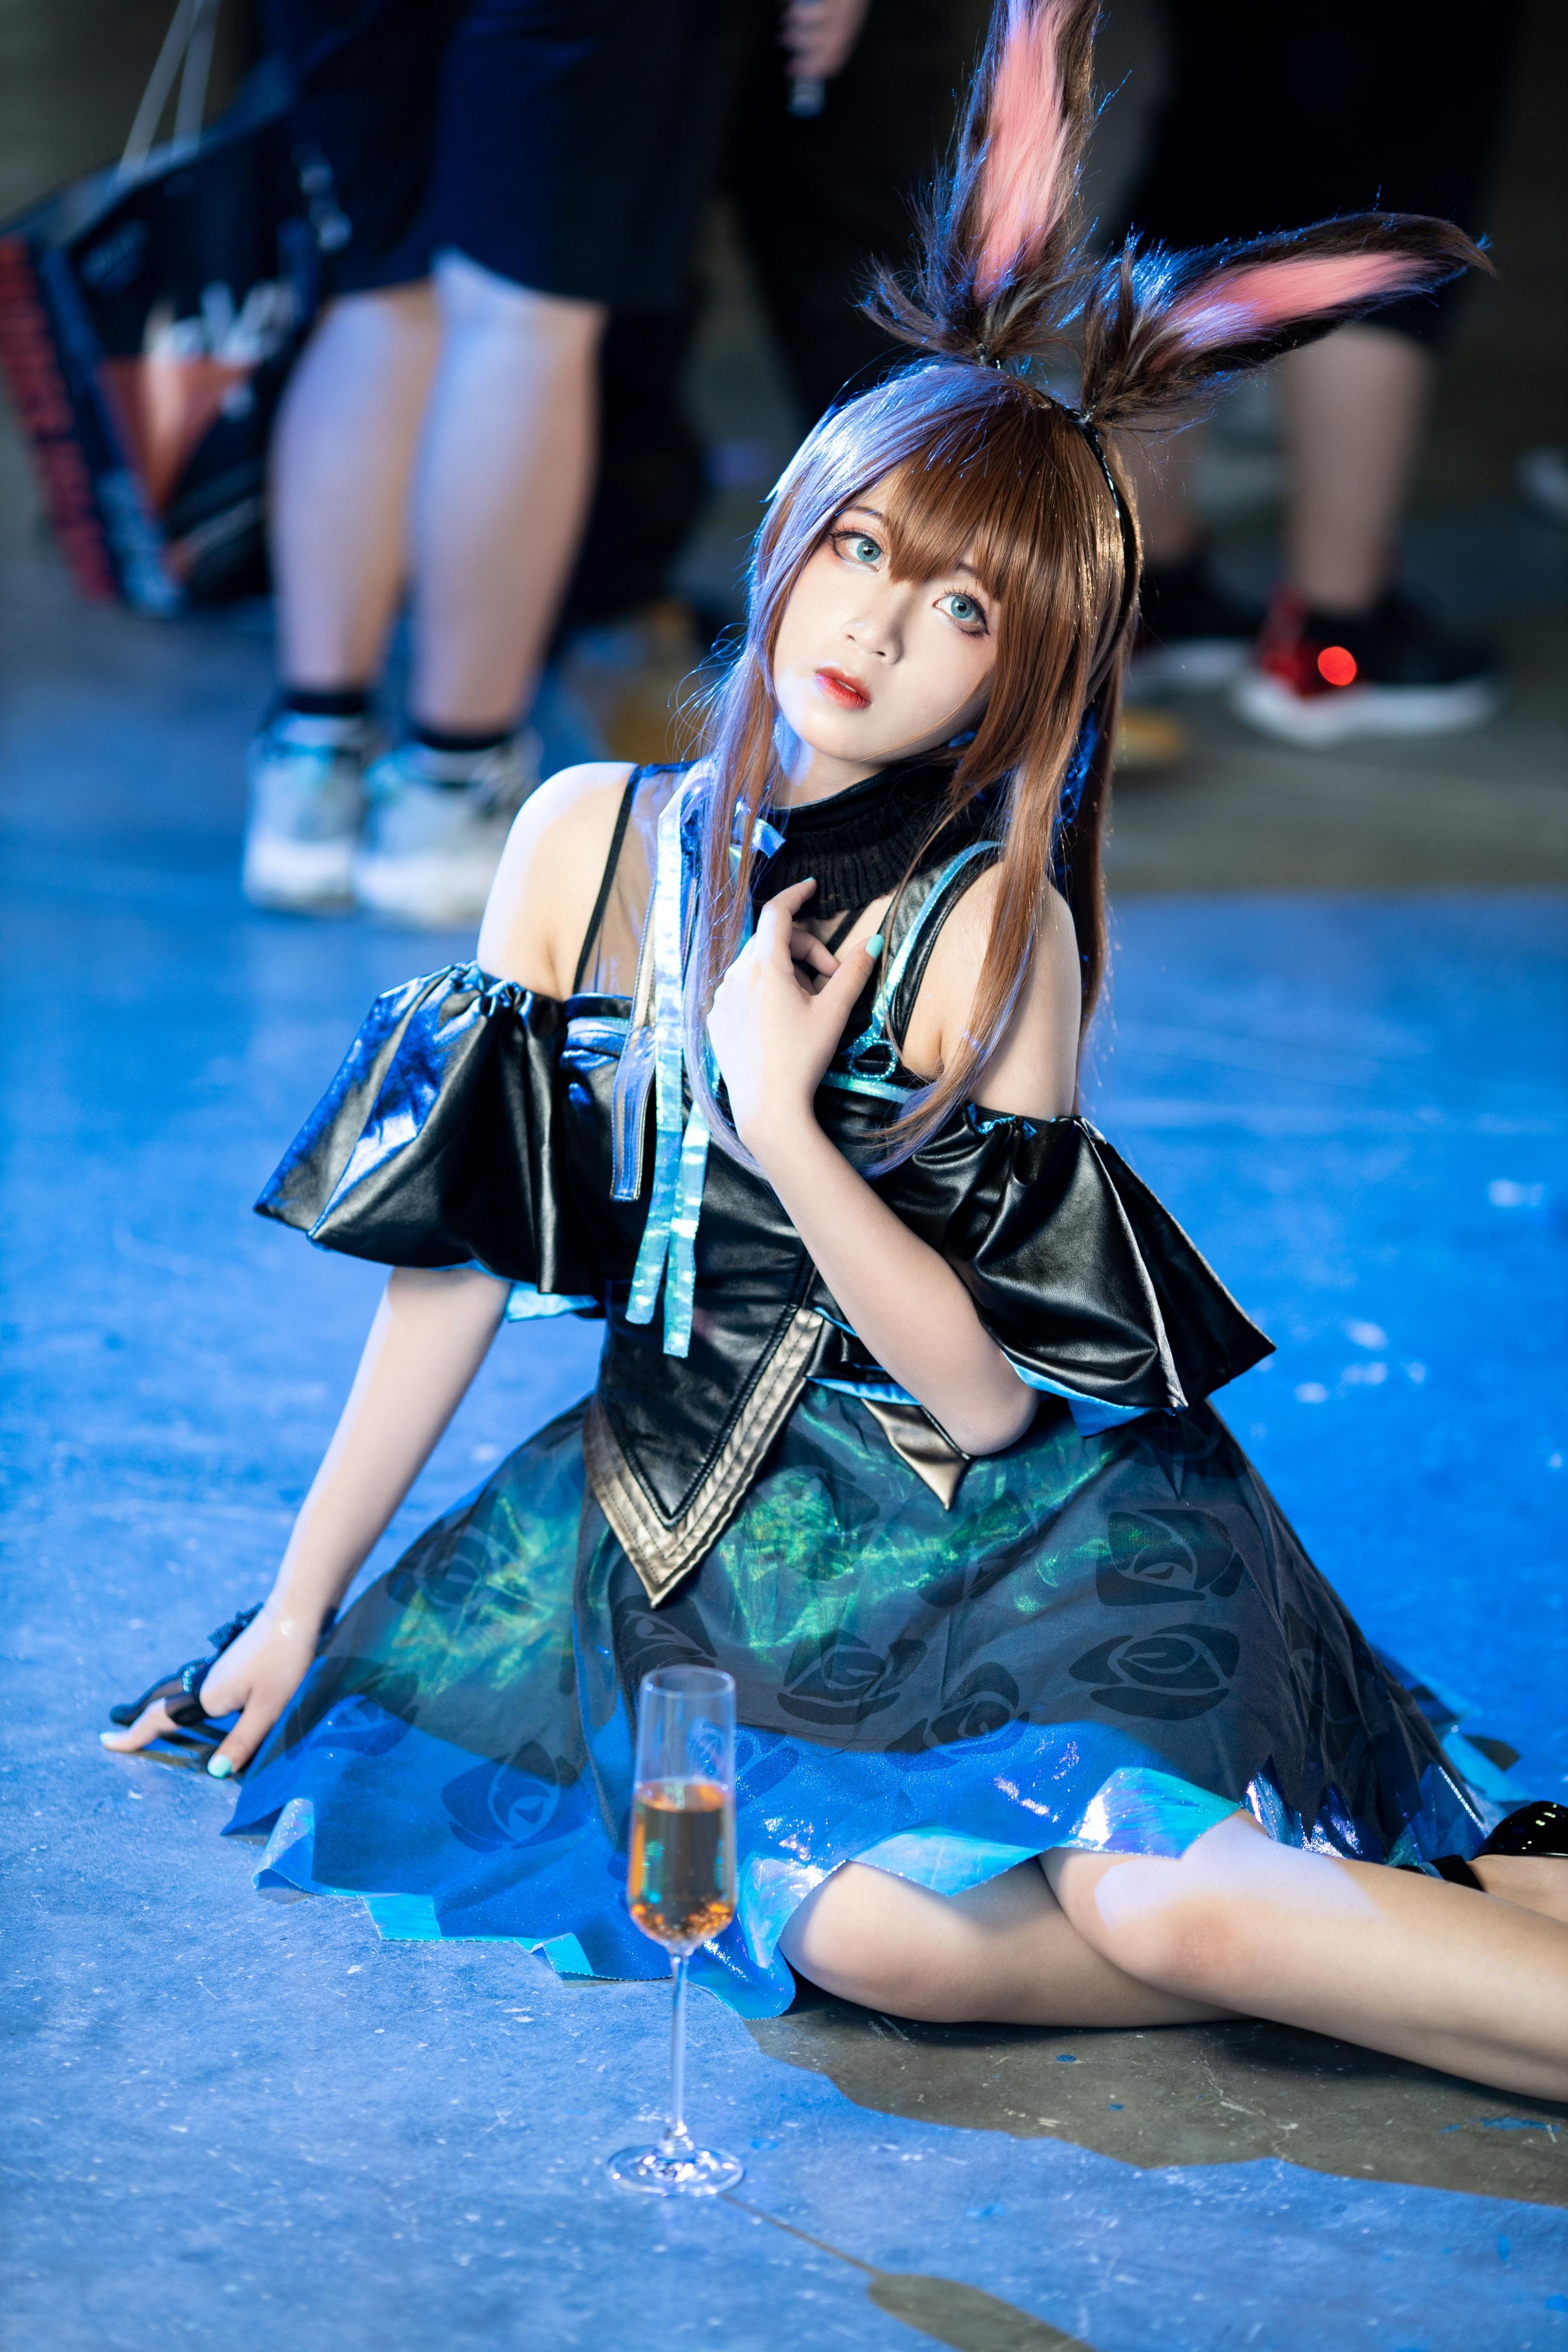 《明日方舟》明日方舟阿米娅cosplay【CN:双叶Futaba】-第4张